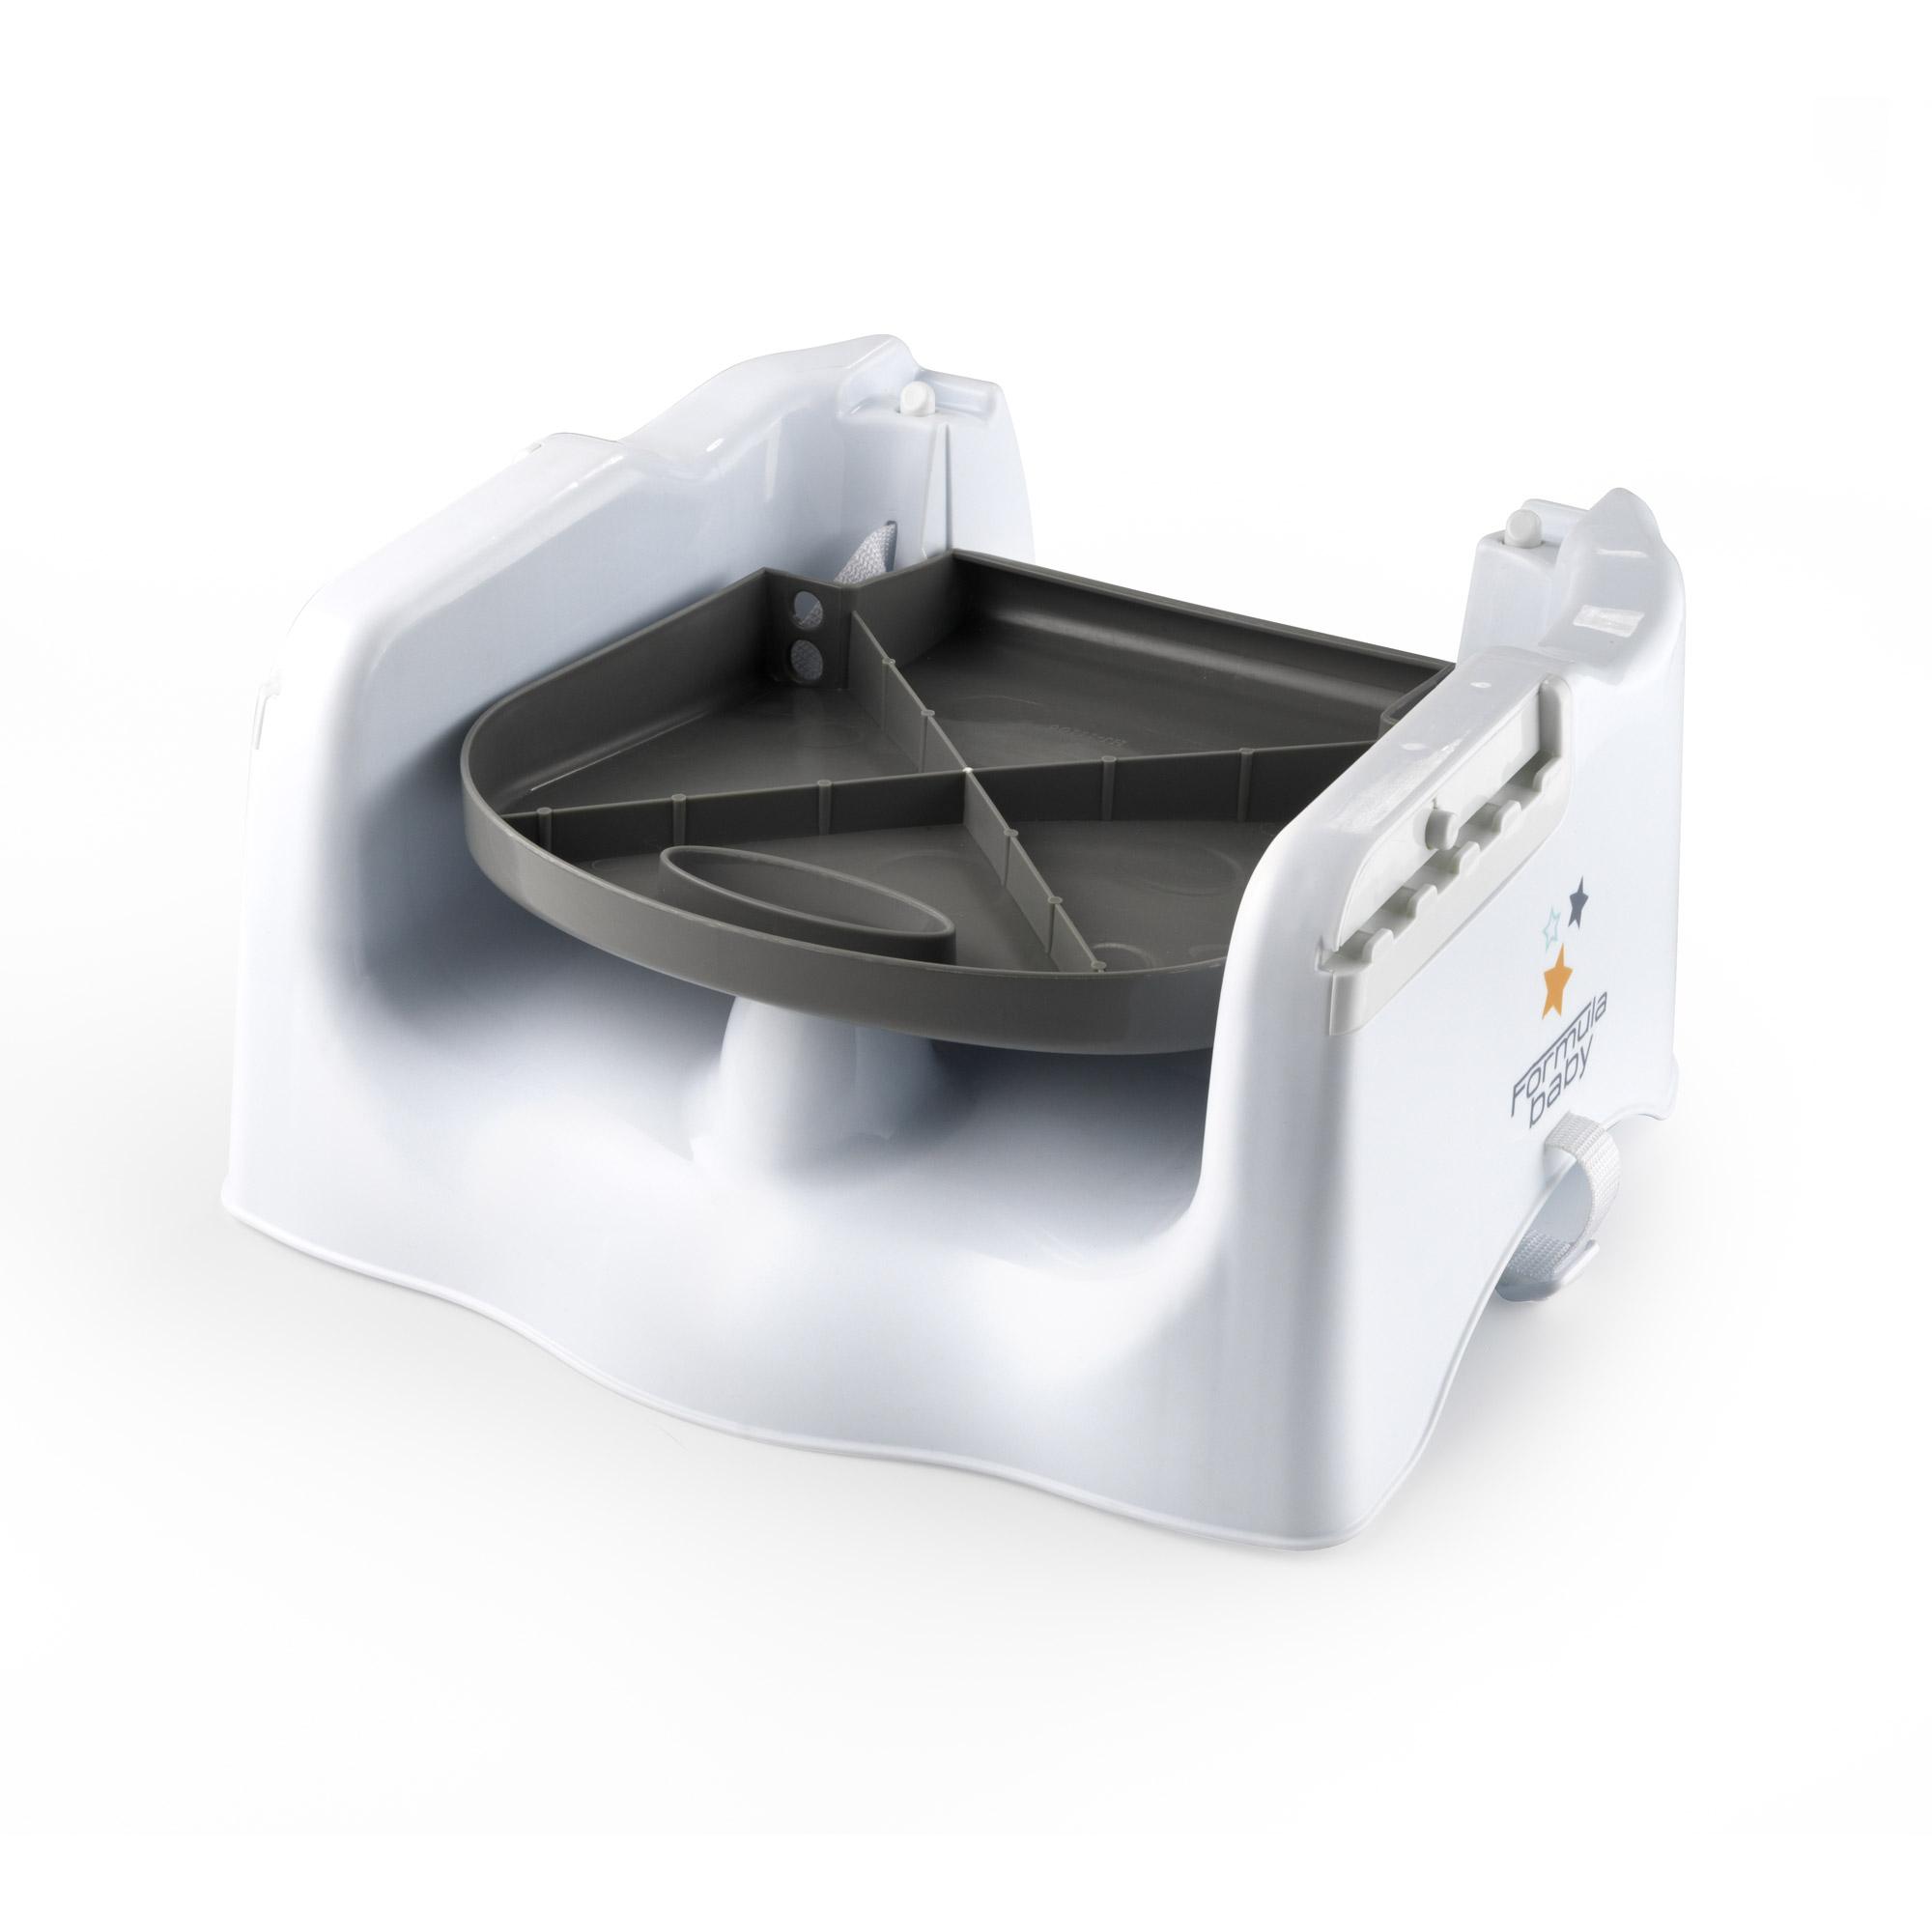 Rehausseur de chaise blanc de formula baby r hausseurs aubert - Rehausseur de chaise aubert ...